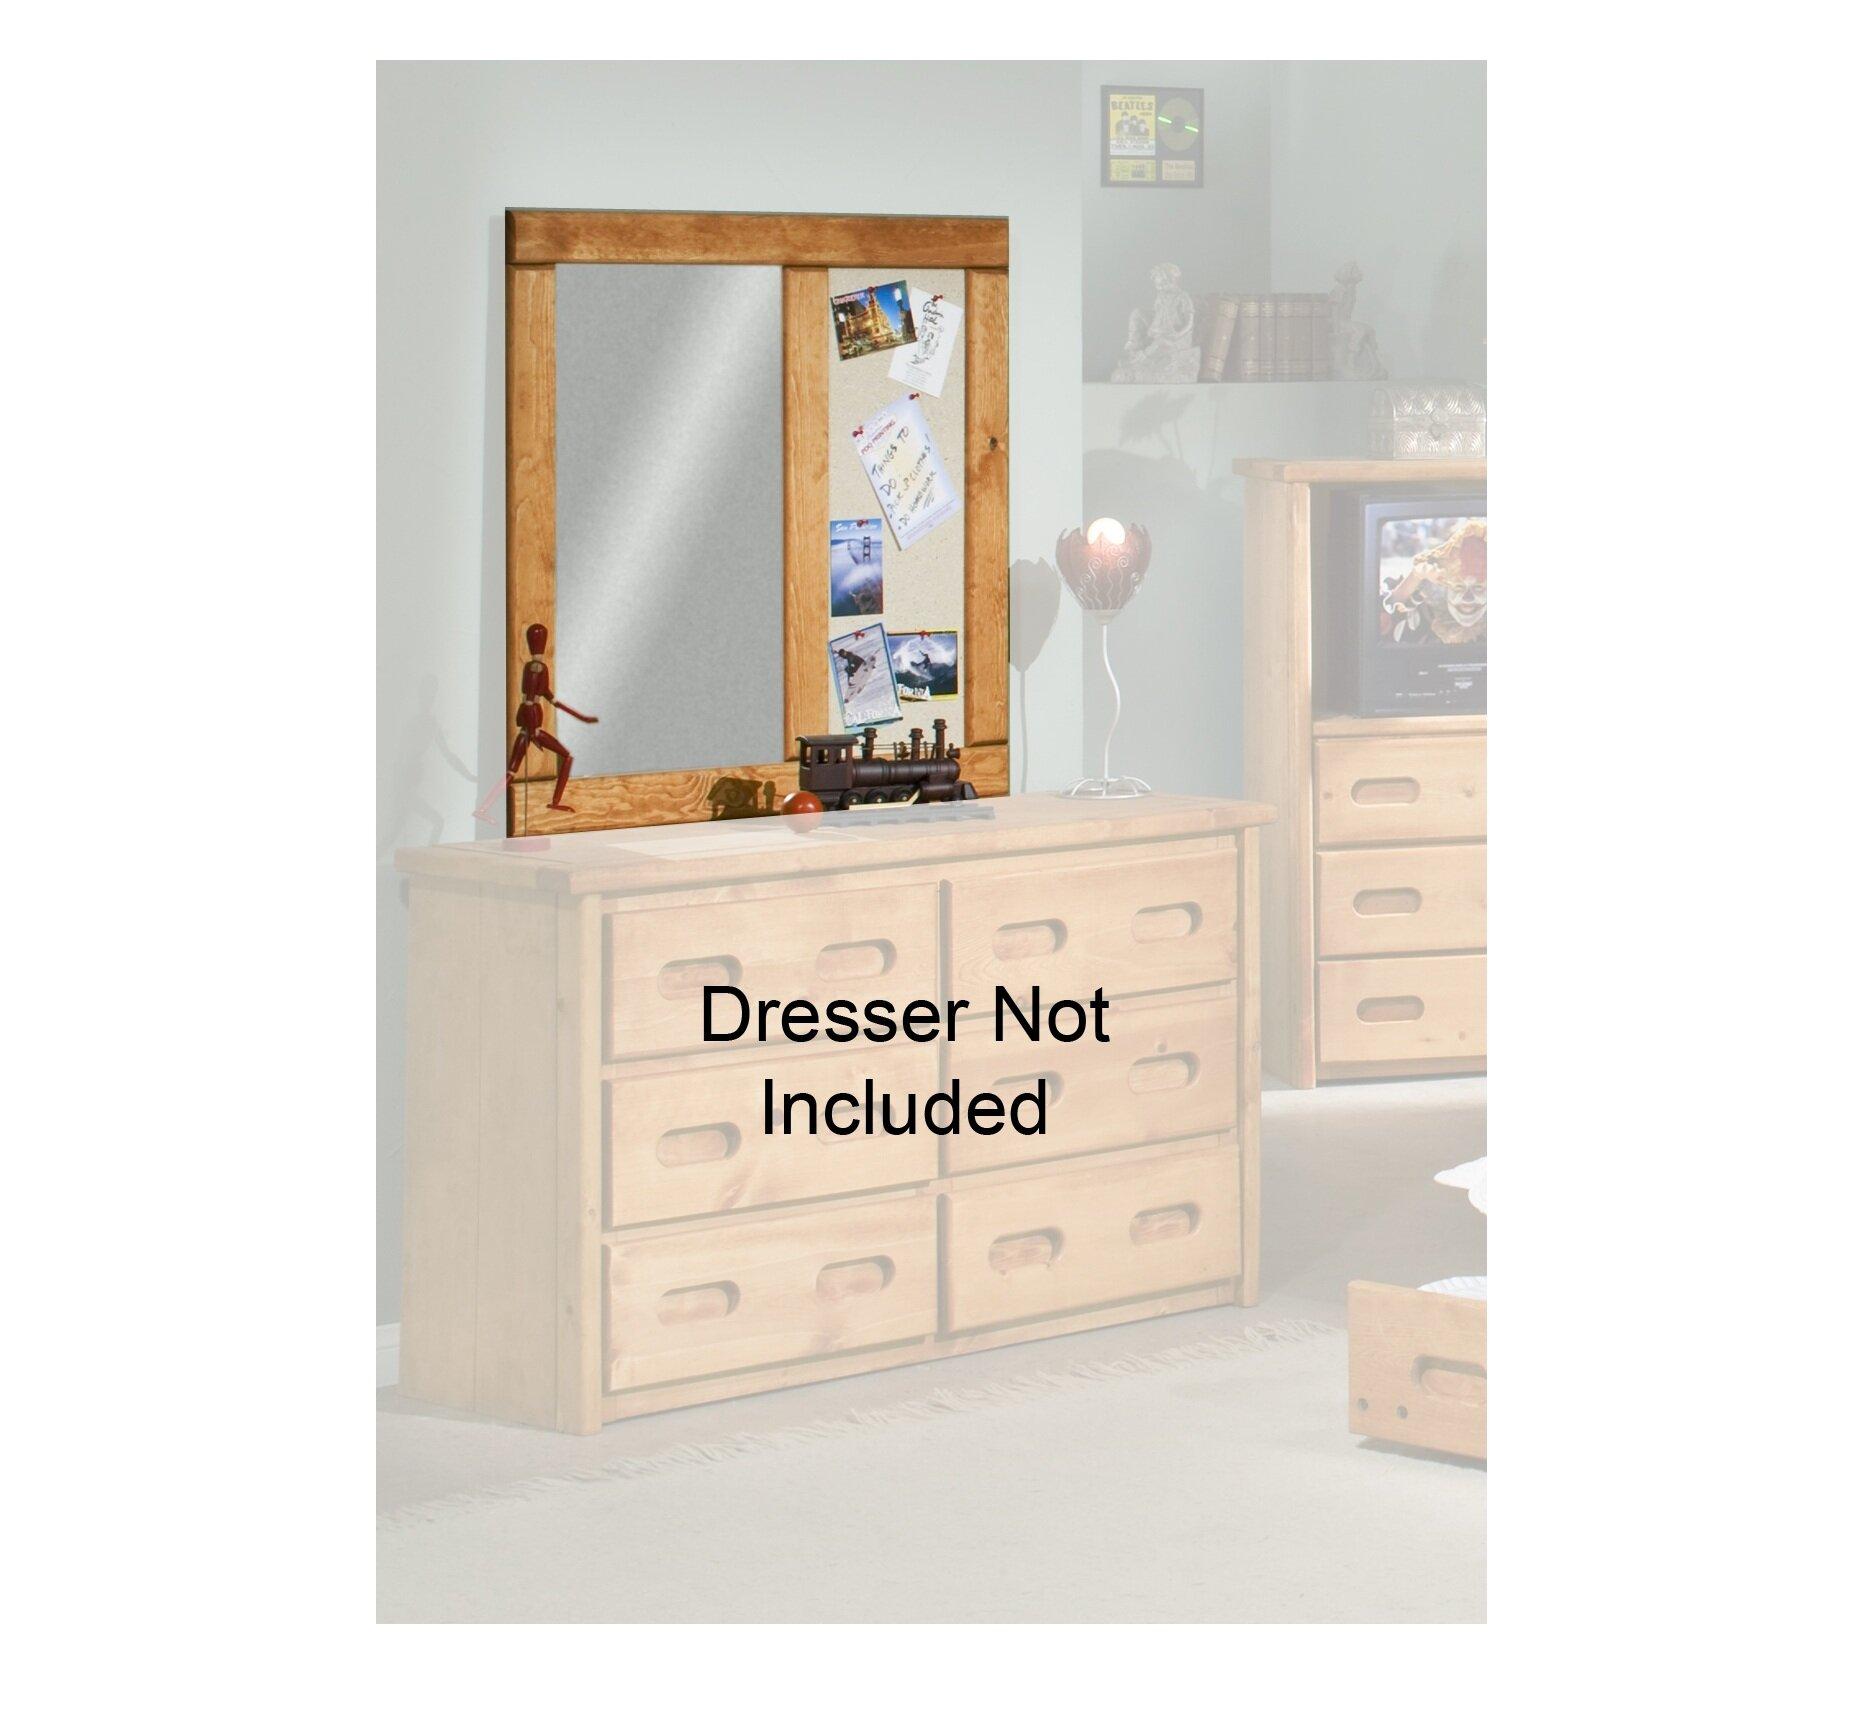 Mounts To Dresser Harriet Bee Mirrors You Ll Love In 2021 Wayfair